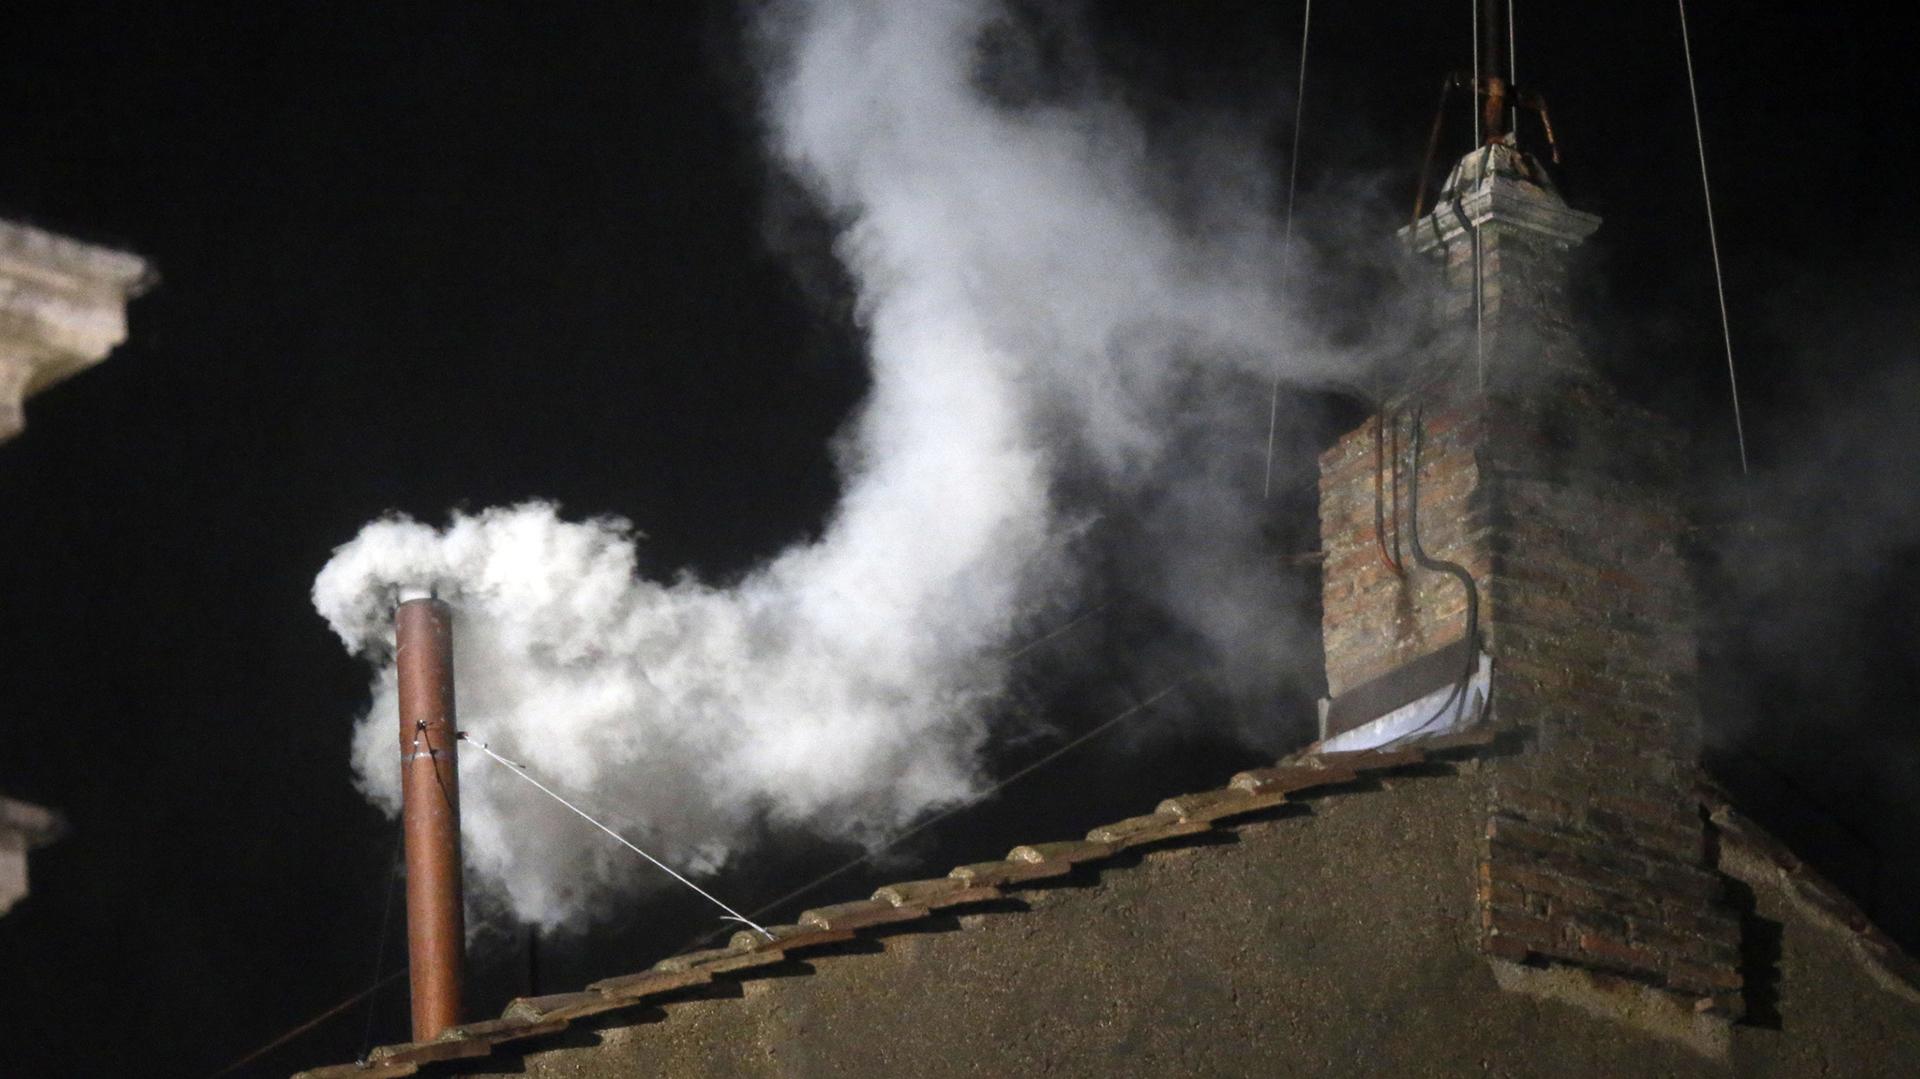 El humo blanco emerge por la chimenea de la Capilla Sixtina, el día de su proclamación como Papa